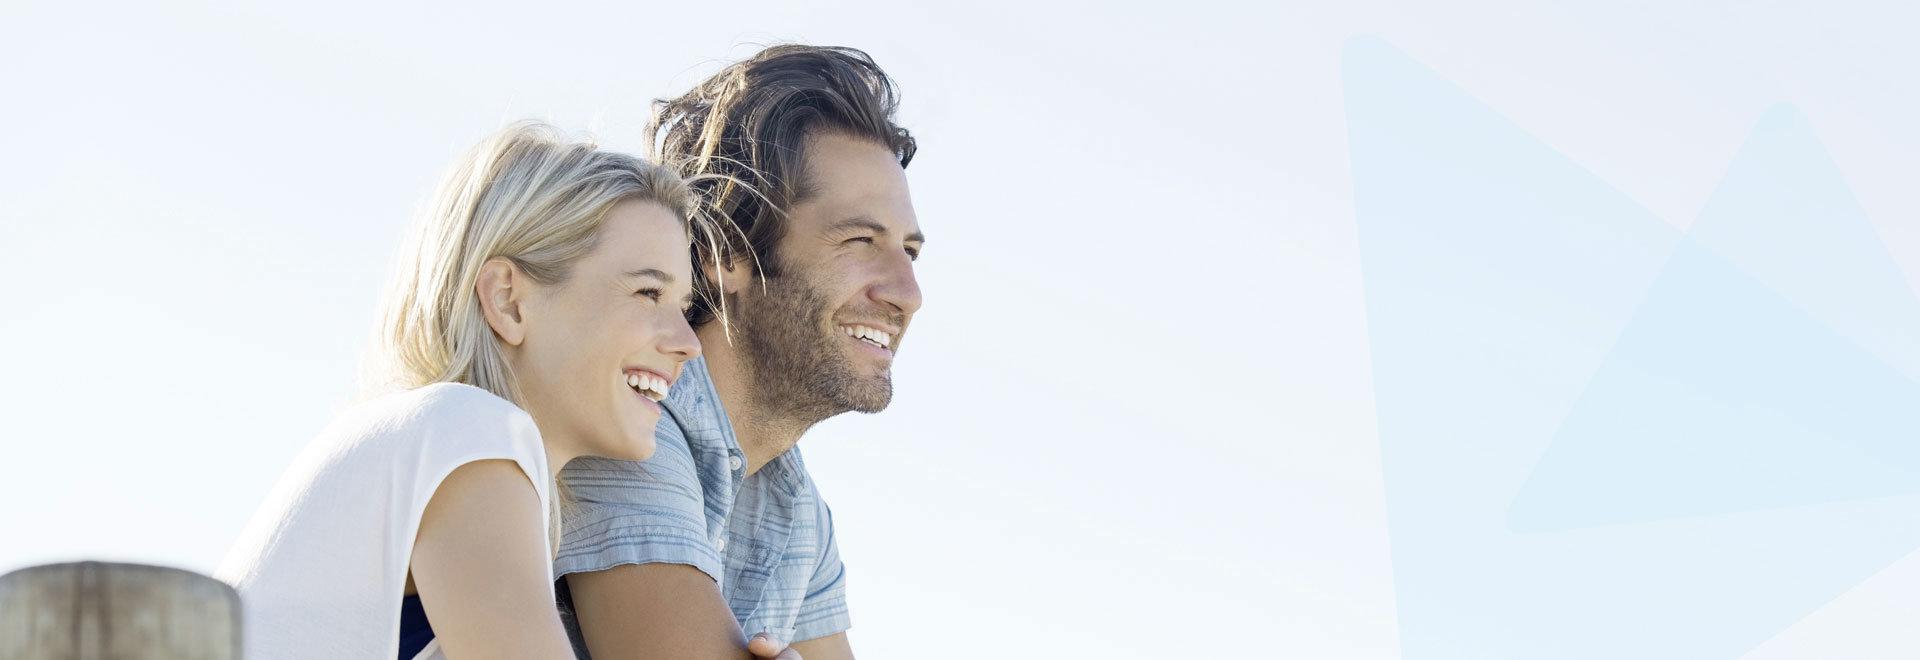 Partnersuche auf dwellforward.org - Online Dating mit Kontaktanzeigen